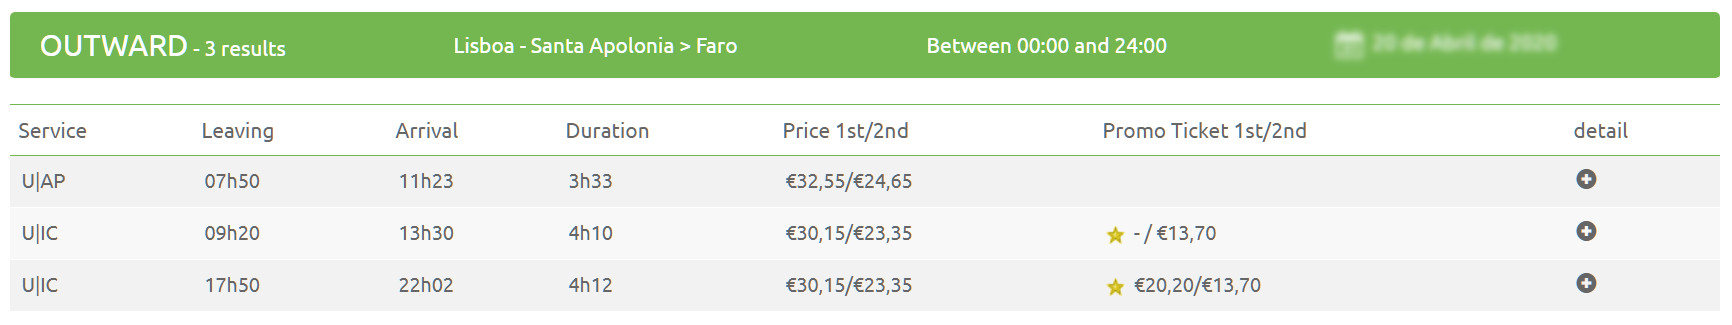 Расписание движения поездов Лиссабон-Фаро